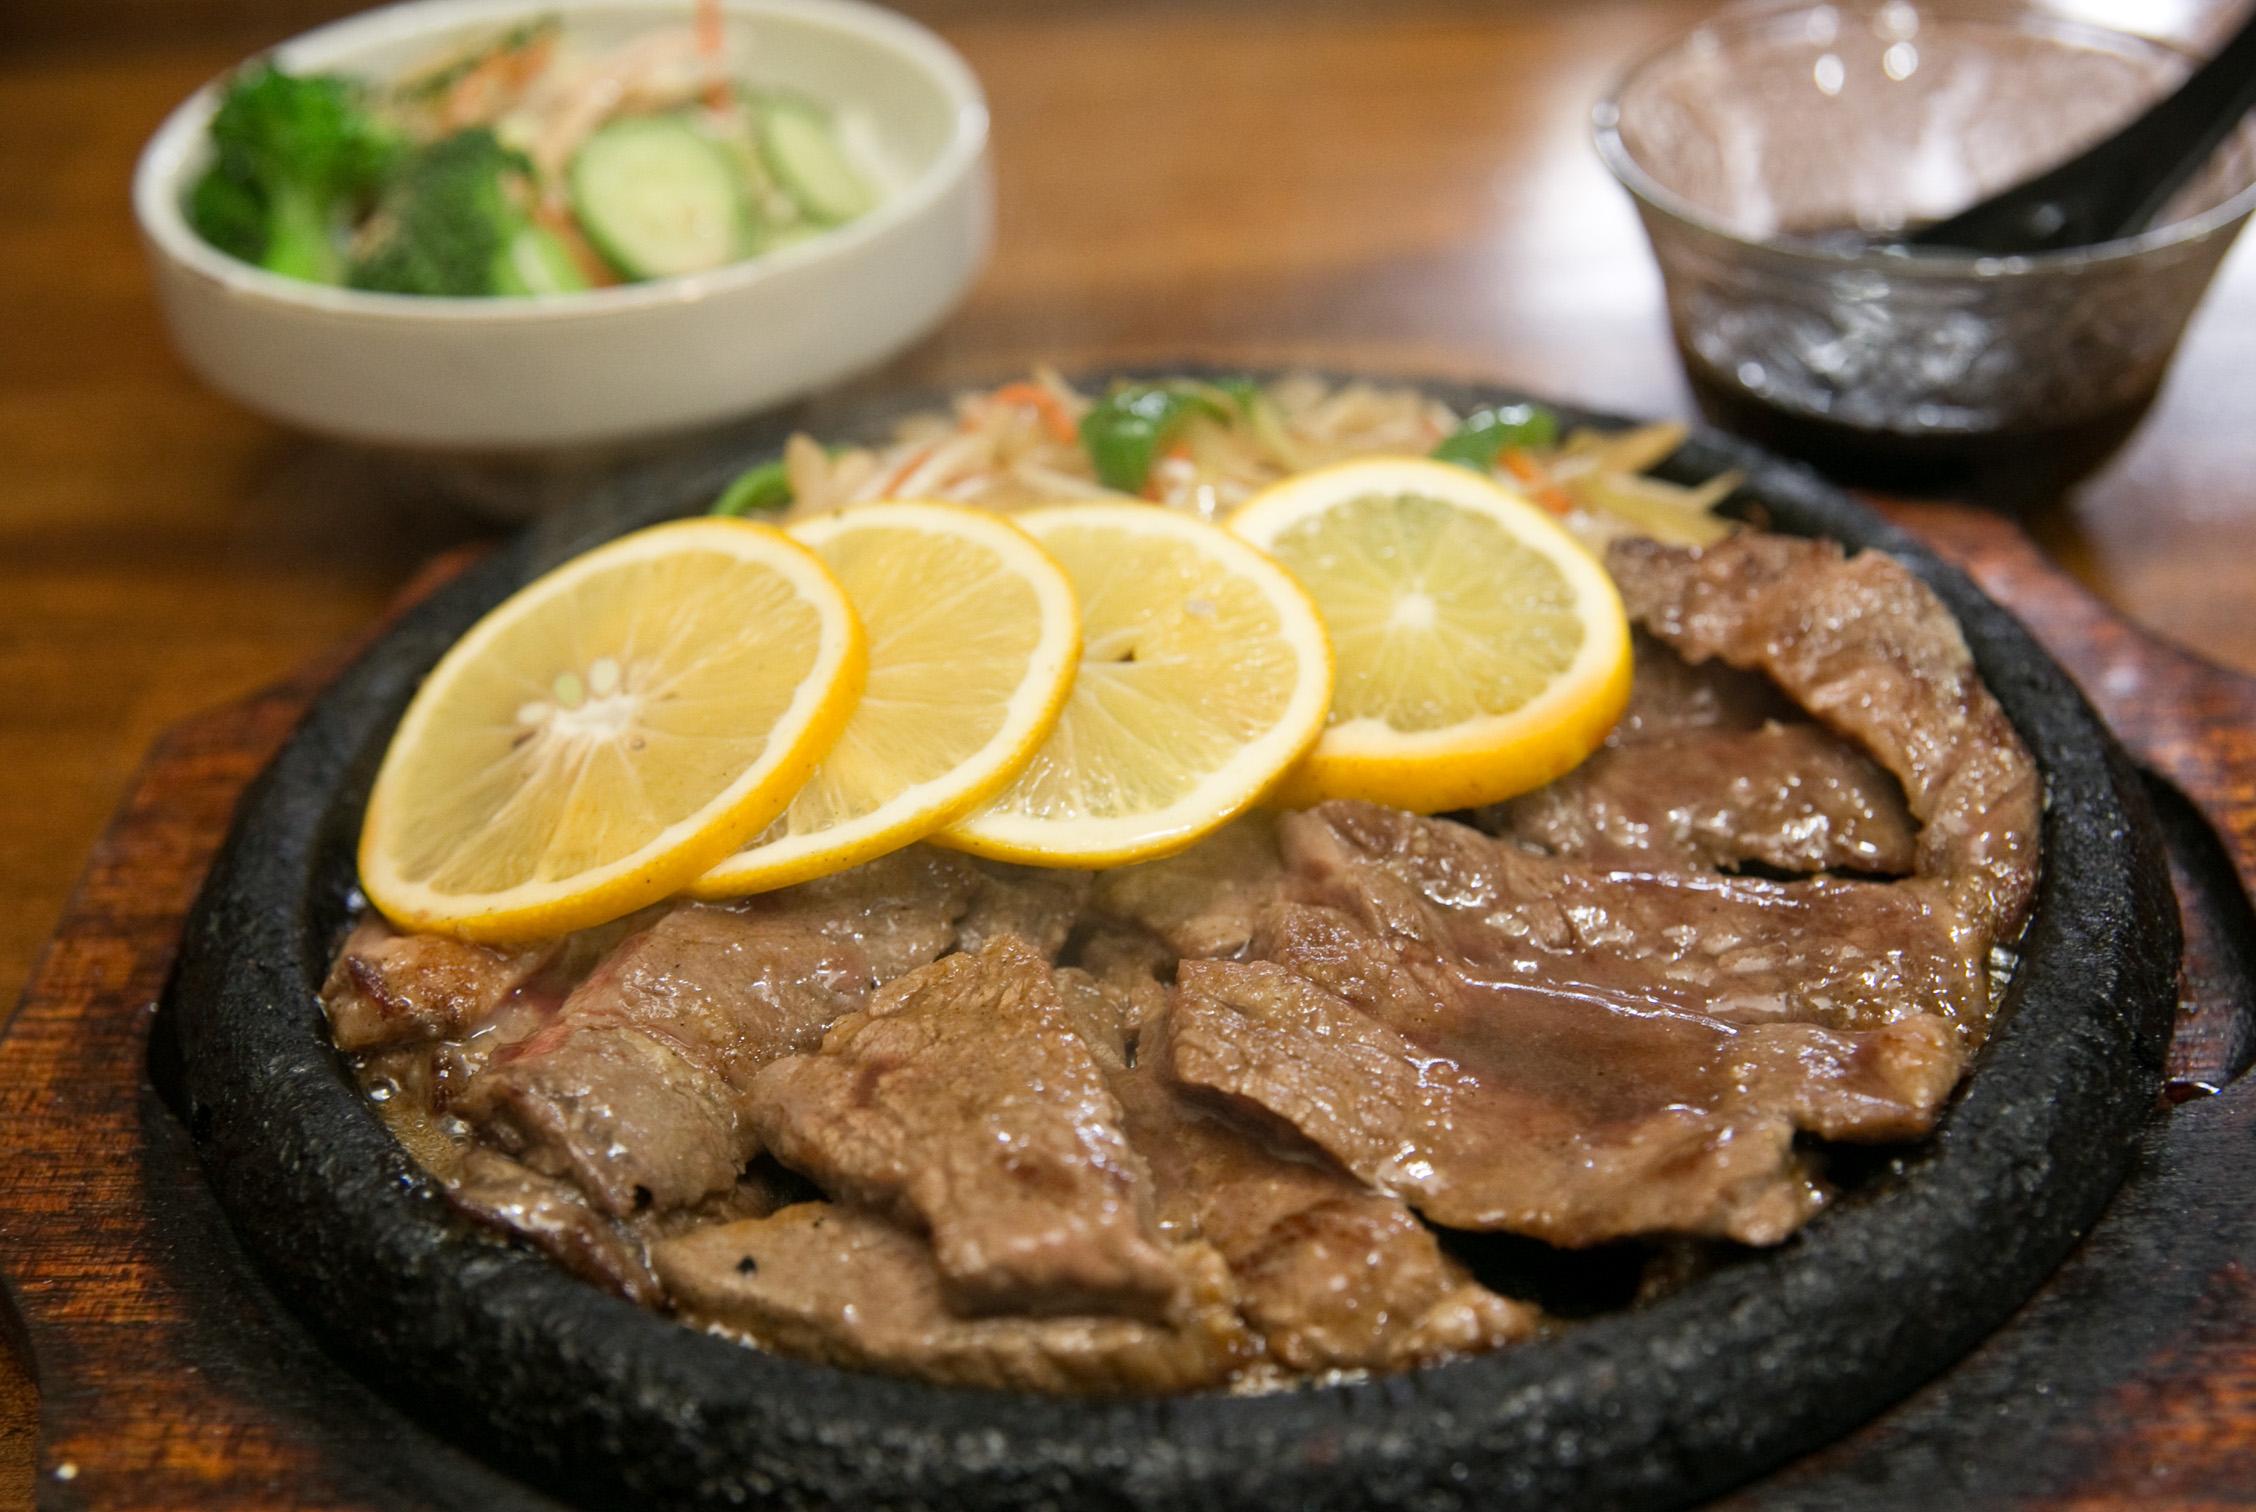 レモン味のさっぱりしたステーキです。女性や子供さんにも人気の商品です。